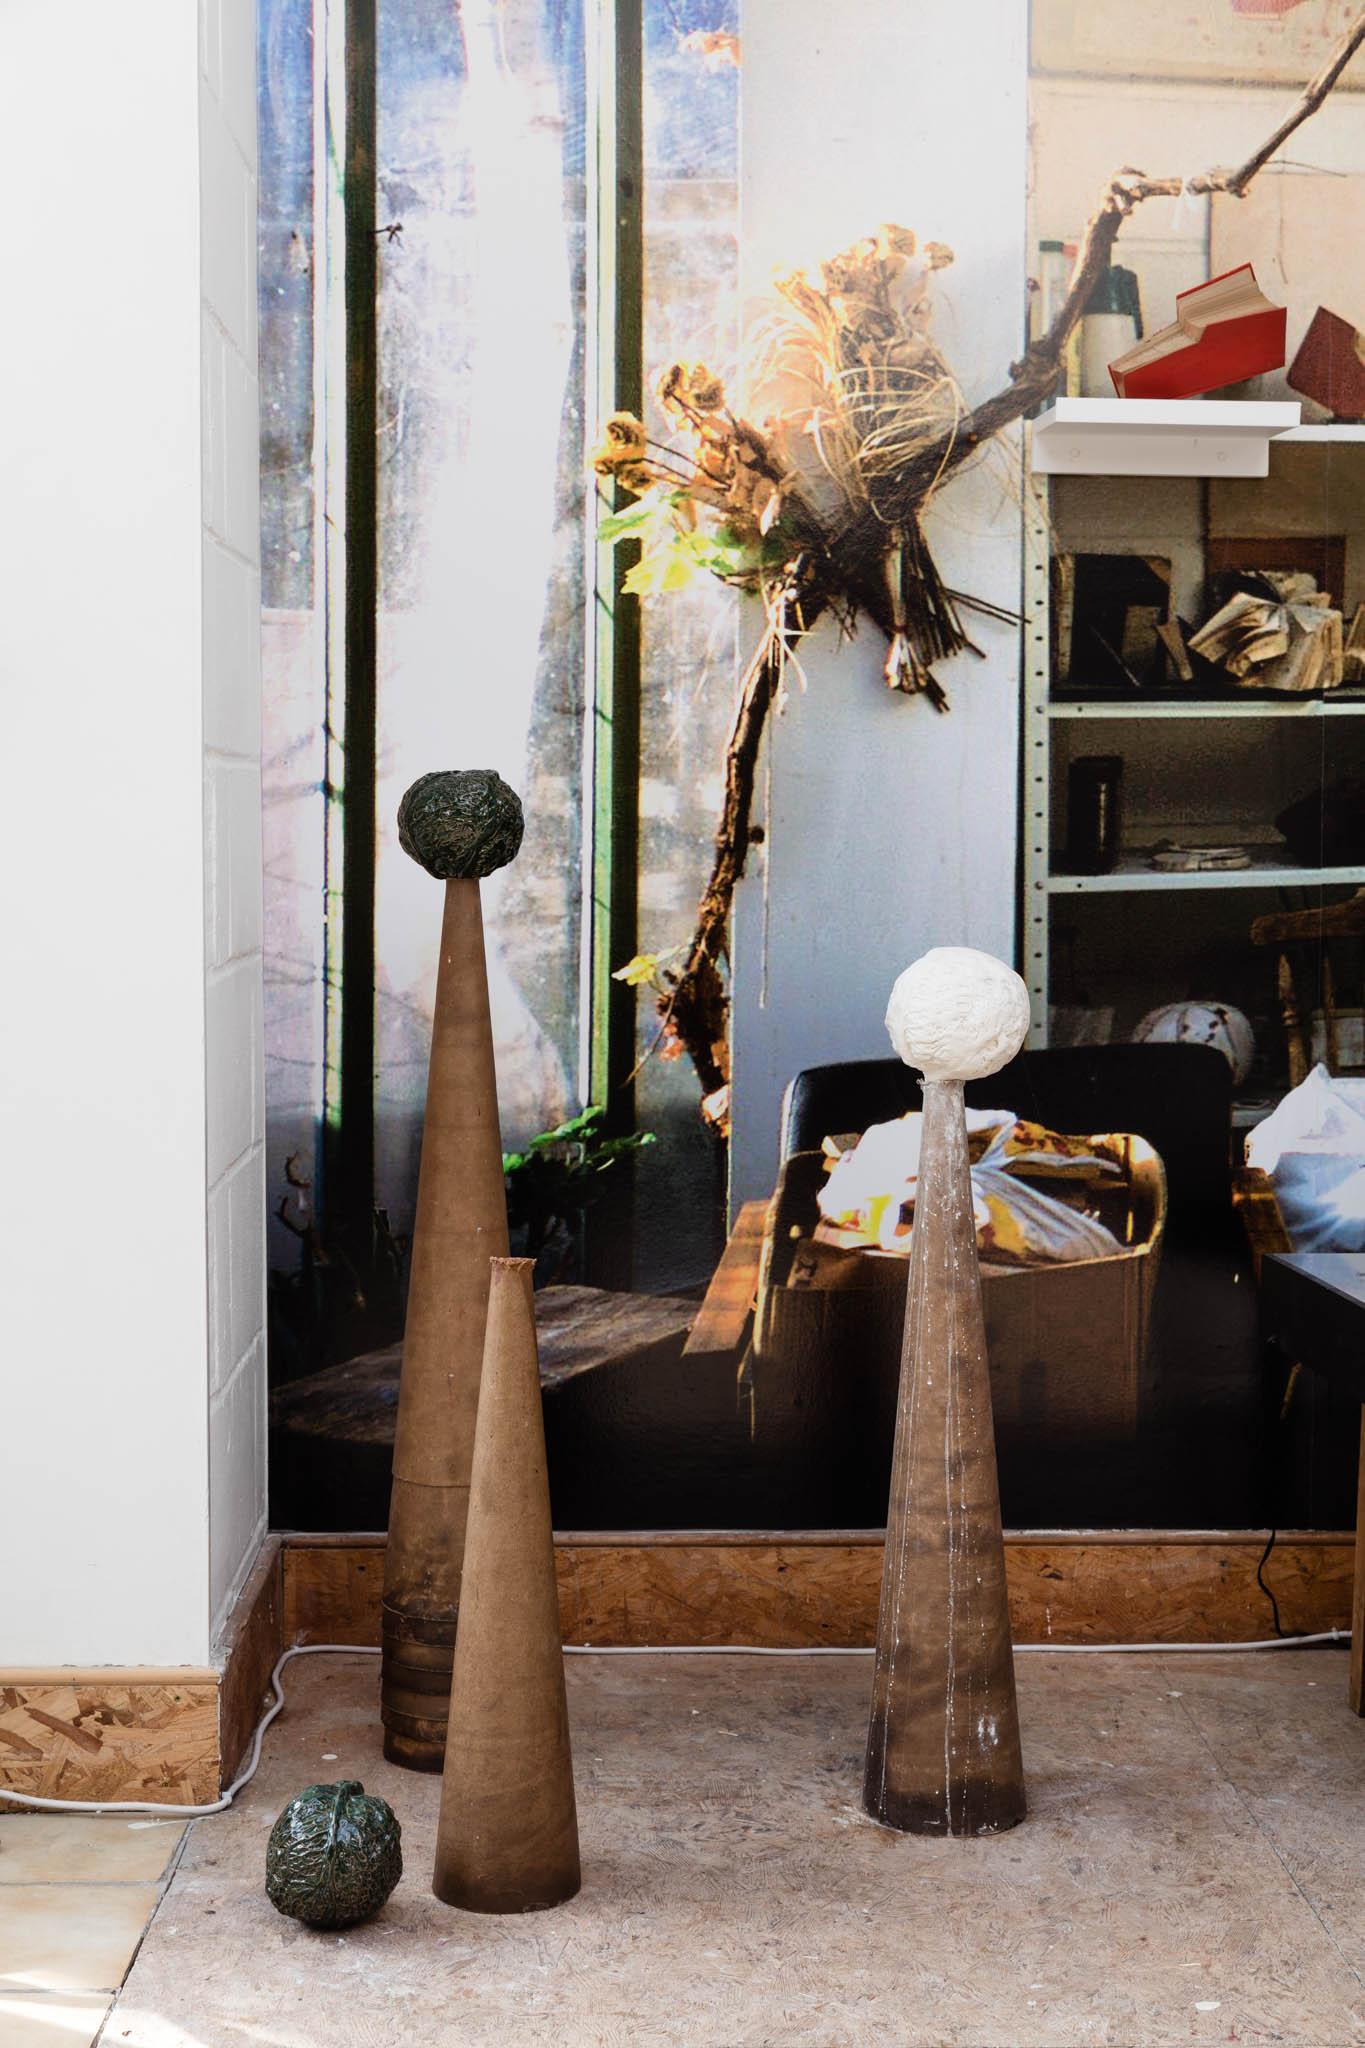 On floor: Melanie Jackson, 'Die Welt ist Kraut und Ruben durcheinander', 2013; Wallpaper: Ryumi Greatorex, The Hand, 2007; John Latham, 'Alison of Noggarth Hall', Date unknown (The Shift 15)